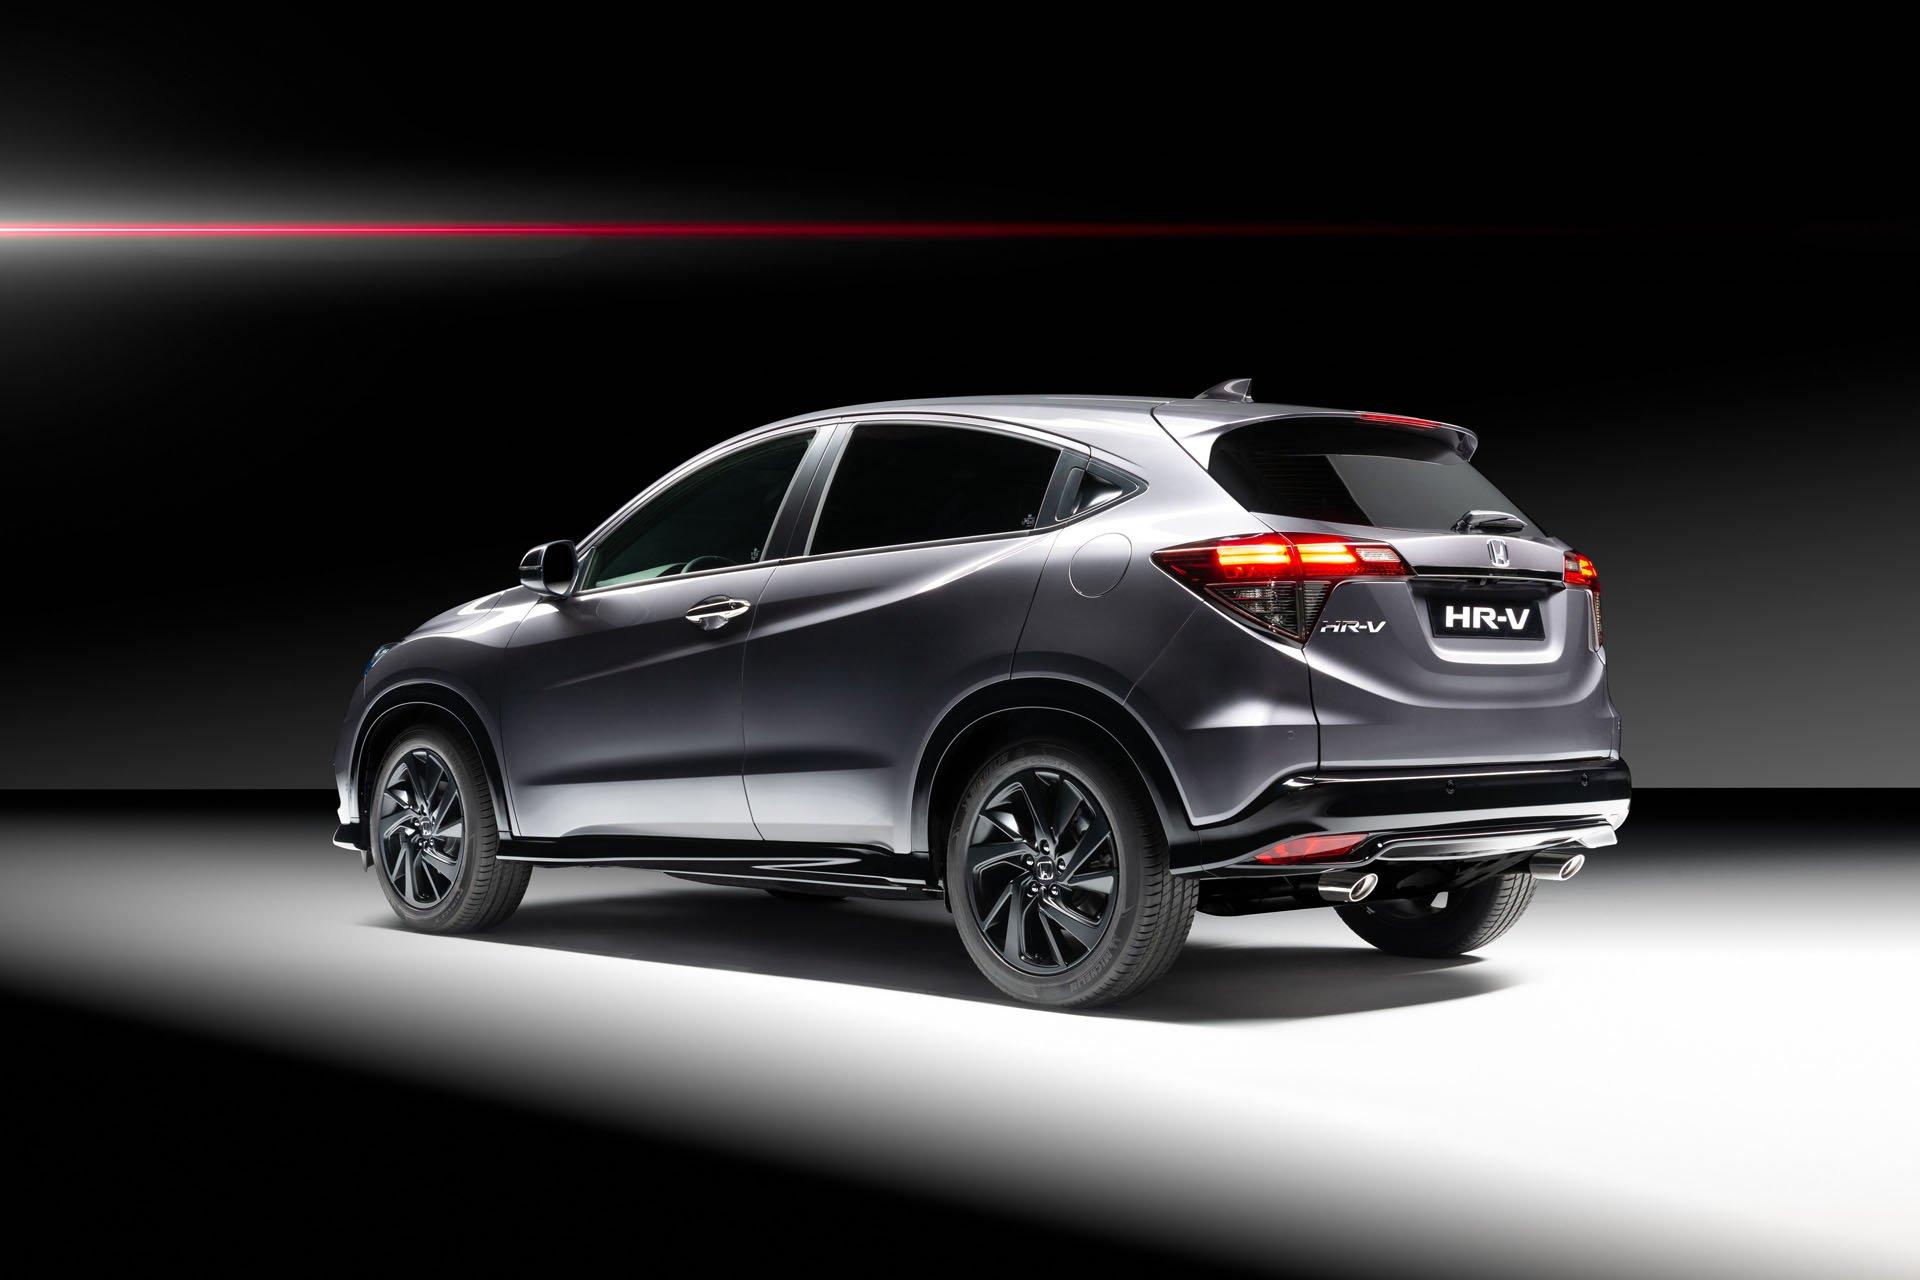 Honda HR-V Sport crossover városi terepjáró